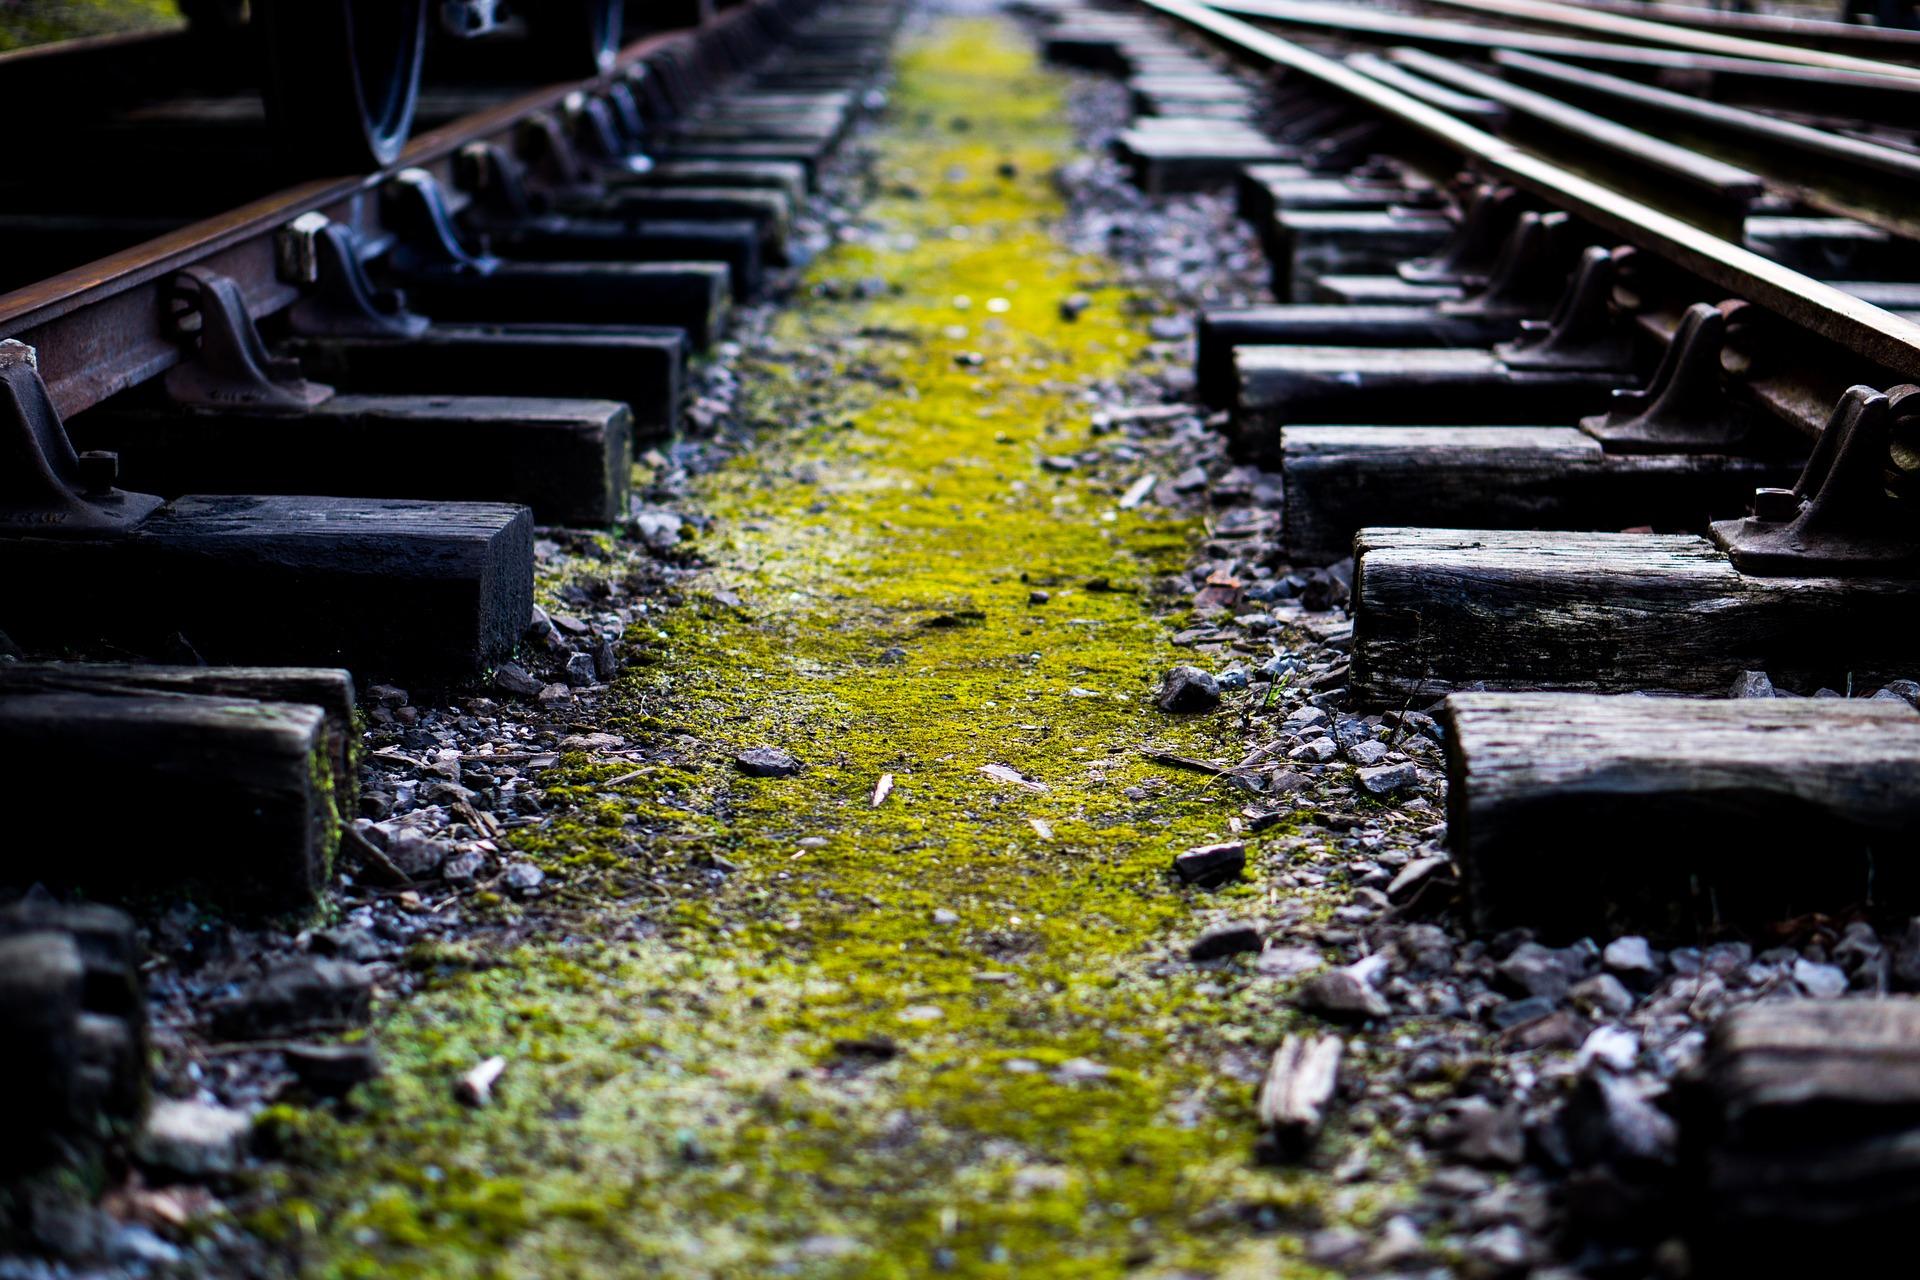 piste del treno, treno, ferrovia, linea ferroviaria, MUSCHIO, trasporto, Ferro da stiro, Itinerario, Verde - Sfondi HD - Professor-falken.com